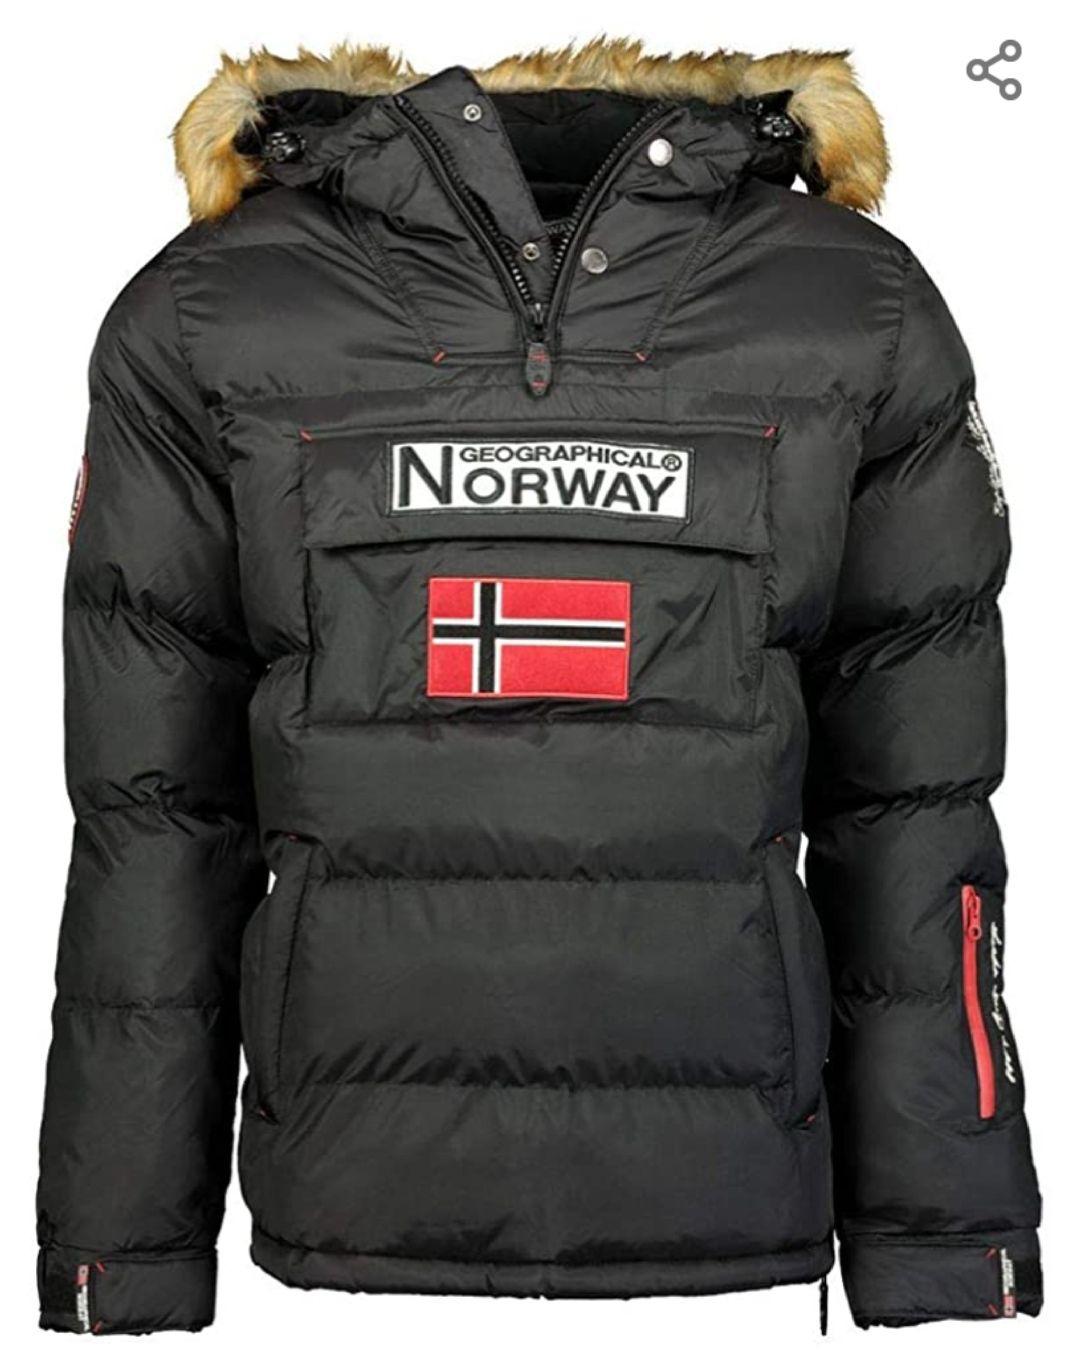 Geographical Norway Chaqueta de hombre BOKER (Varias tallas)